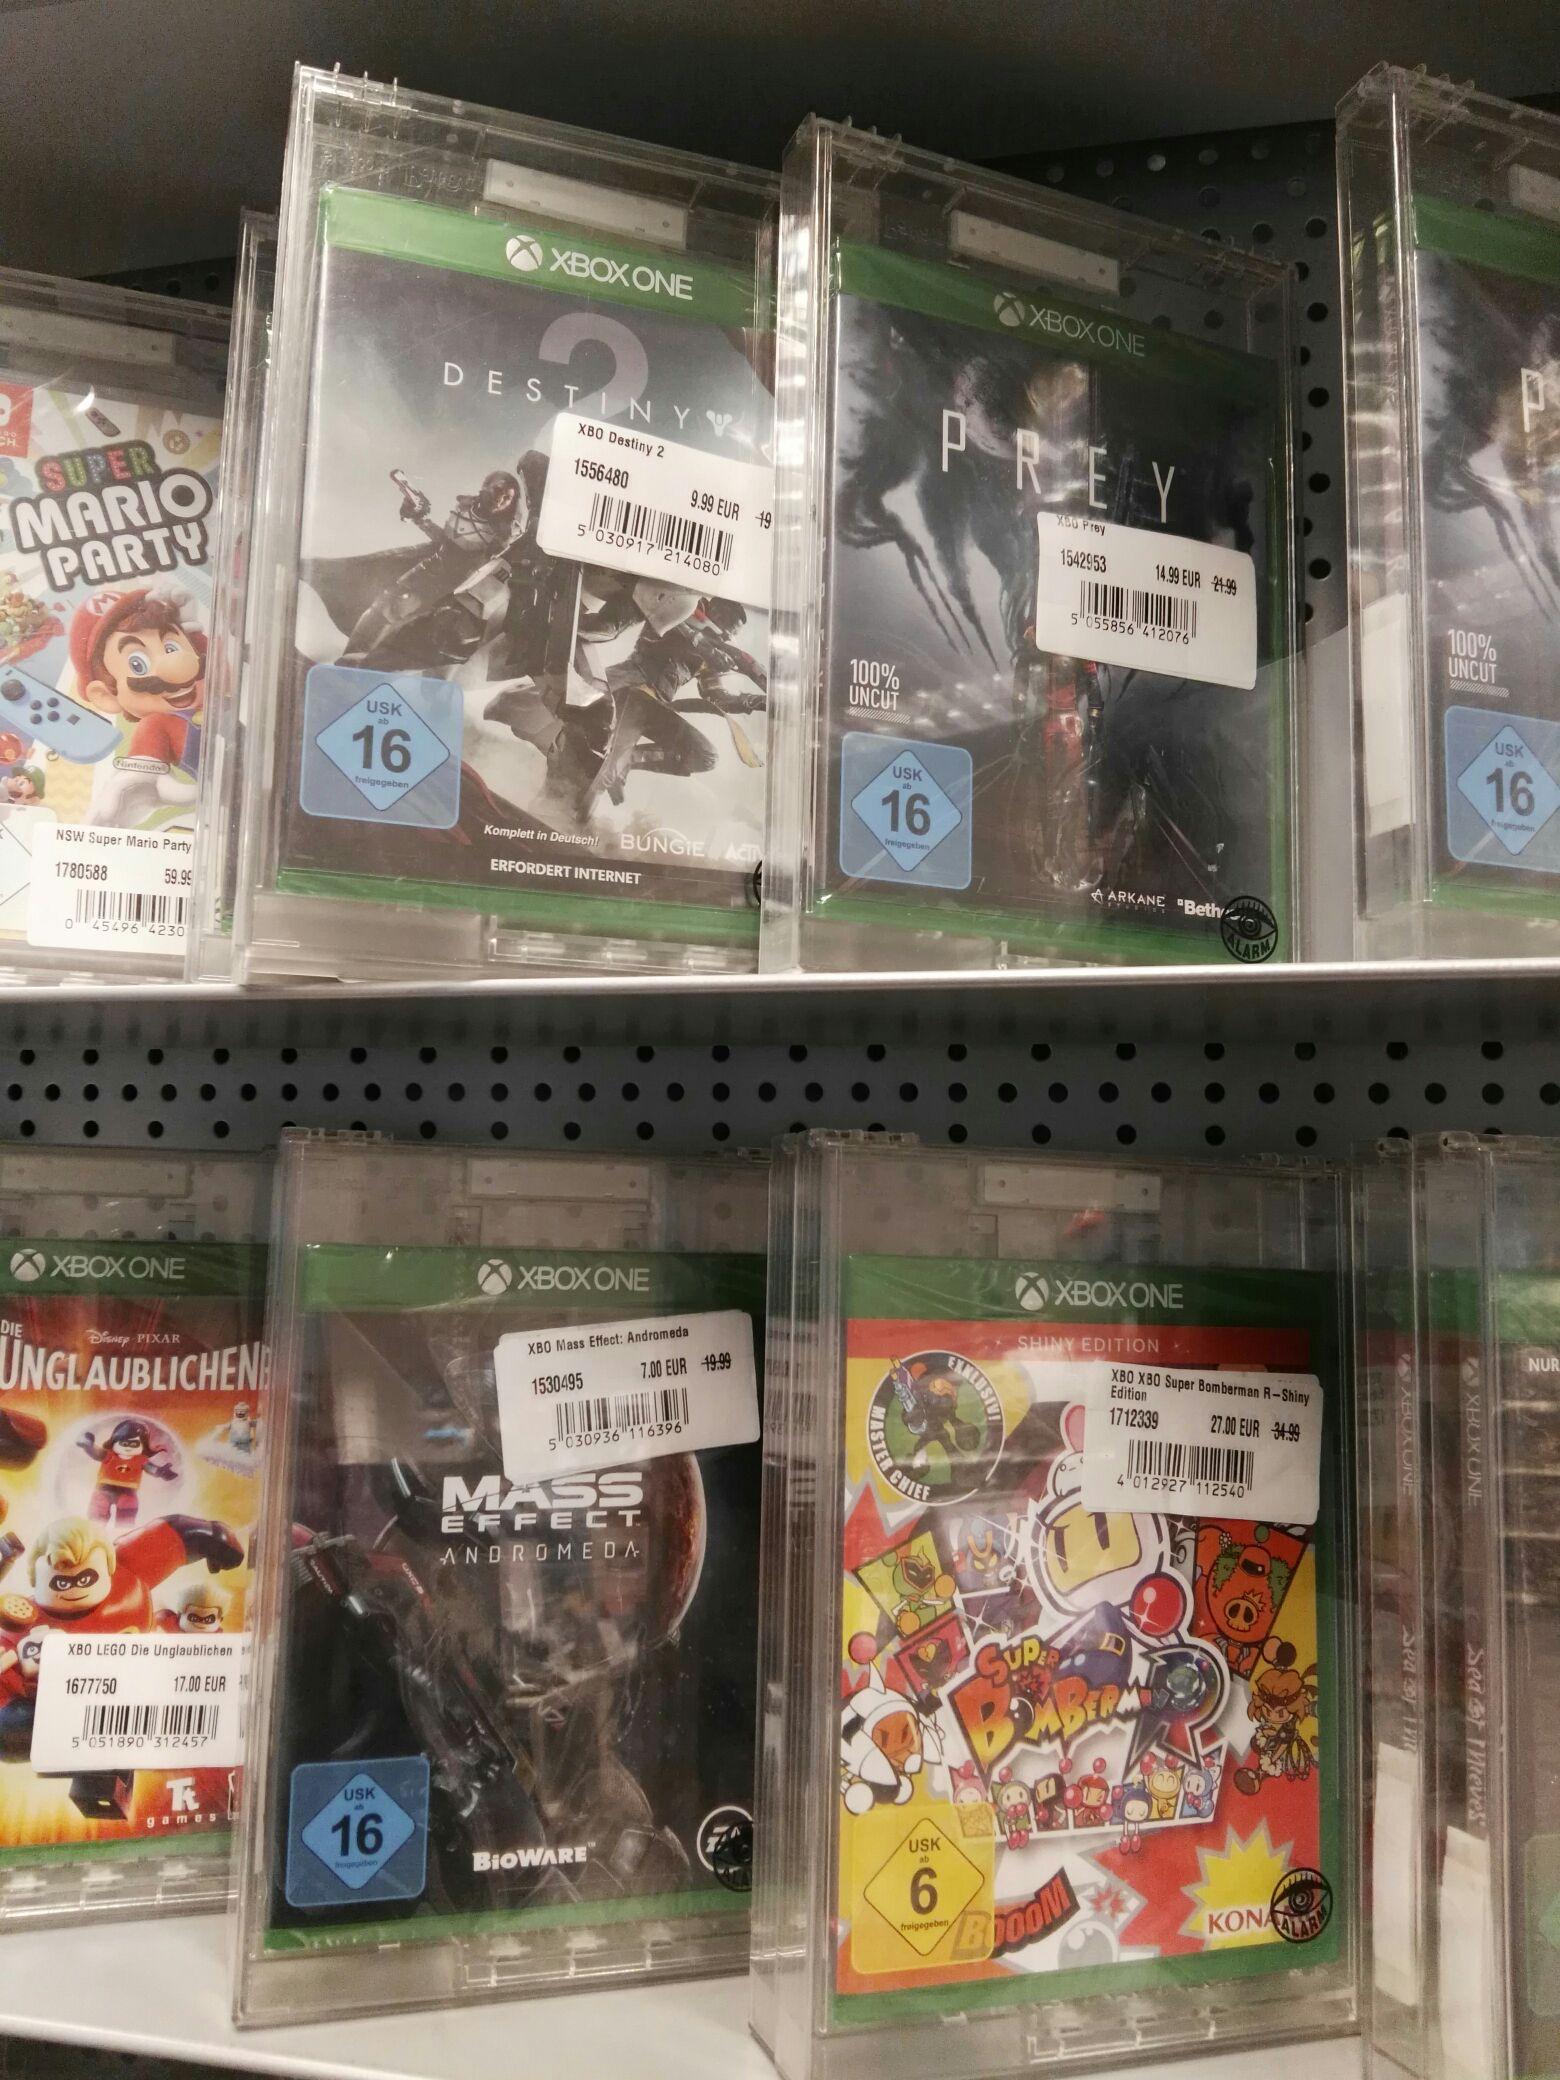 [Lokal: conrad Bremen] einige Xbox Spiele reduziert z.B. Mass effect andromeda für 7€